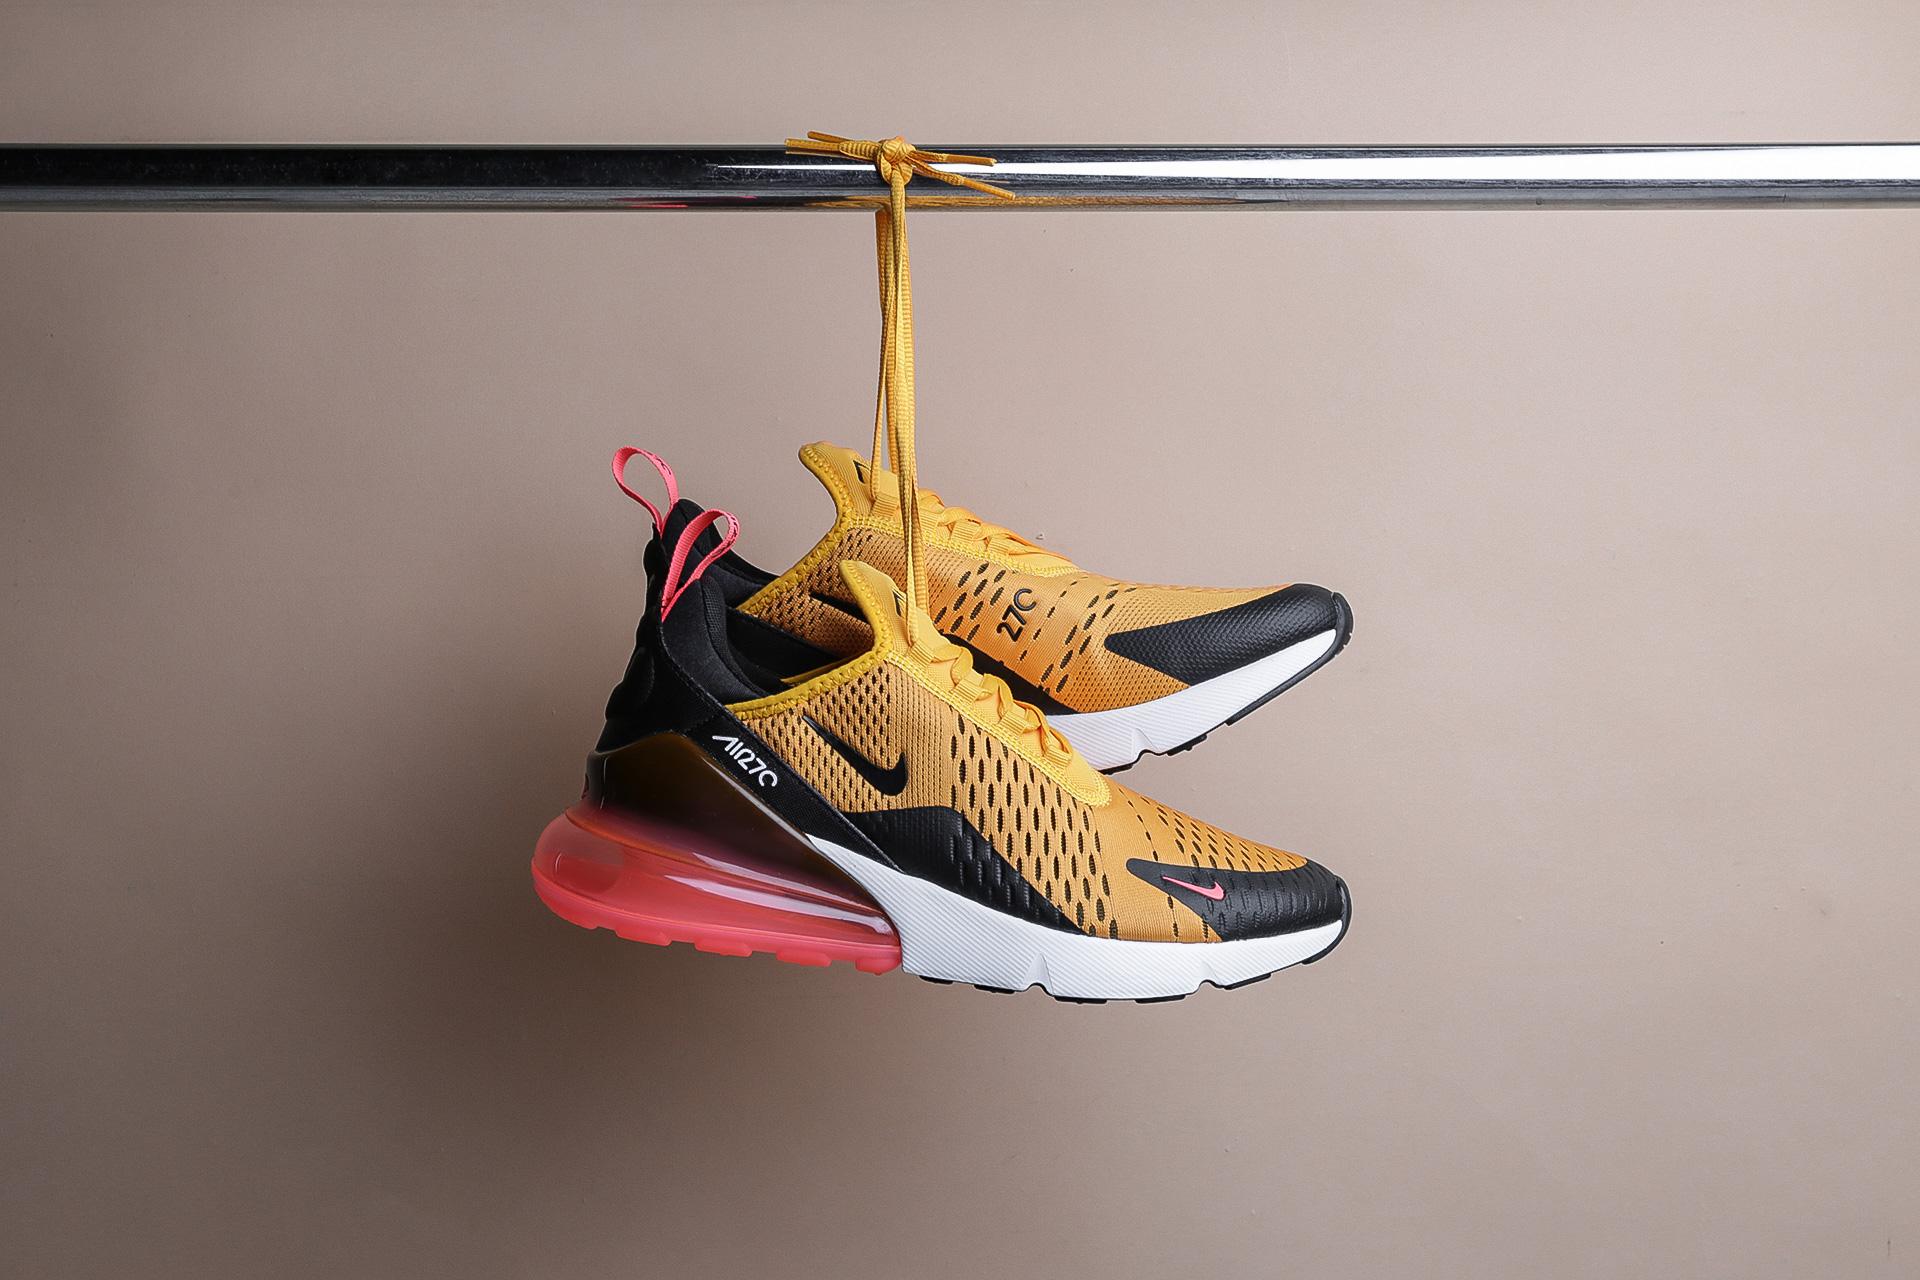 f7431cf1 Купить желтые мужские кроссовки AIr Max 270 от Nike (AH8050-004) по ...